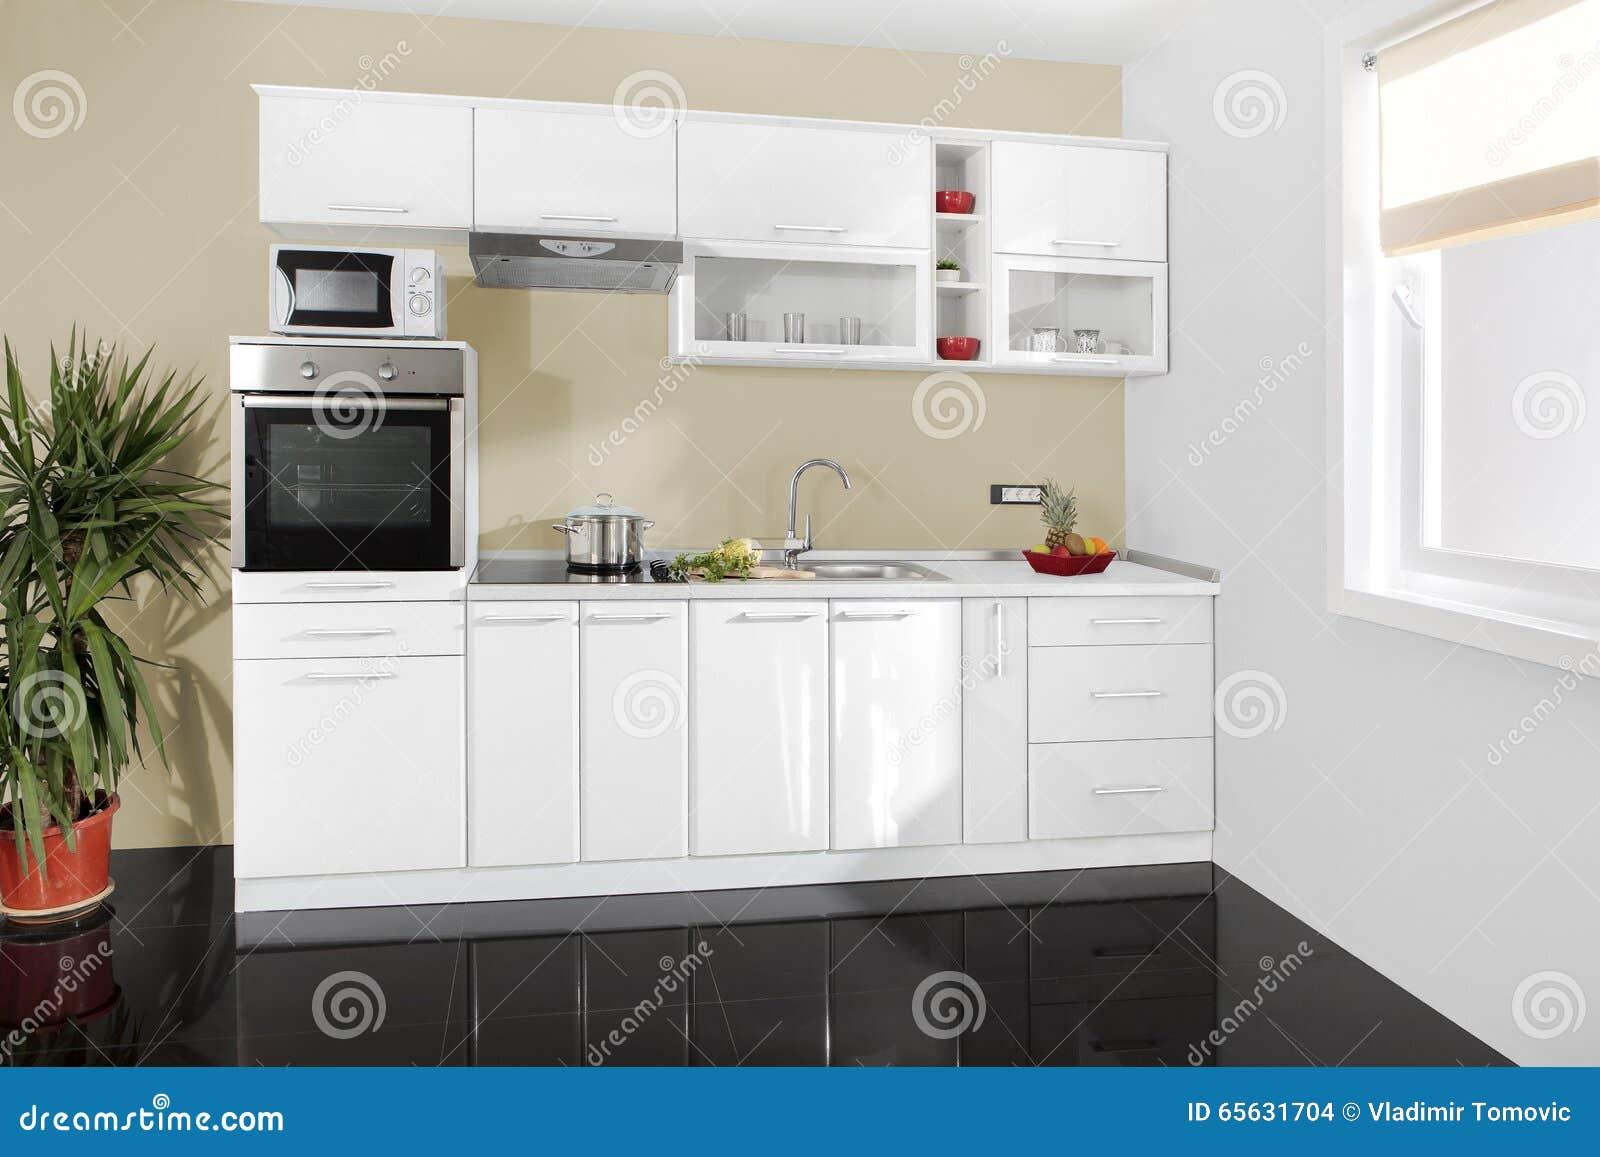 Küche Sauber | Innenraum Einer Modernen Kuche Holzerne Mobel Einfach Und Sauber